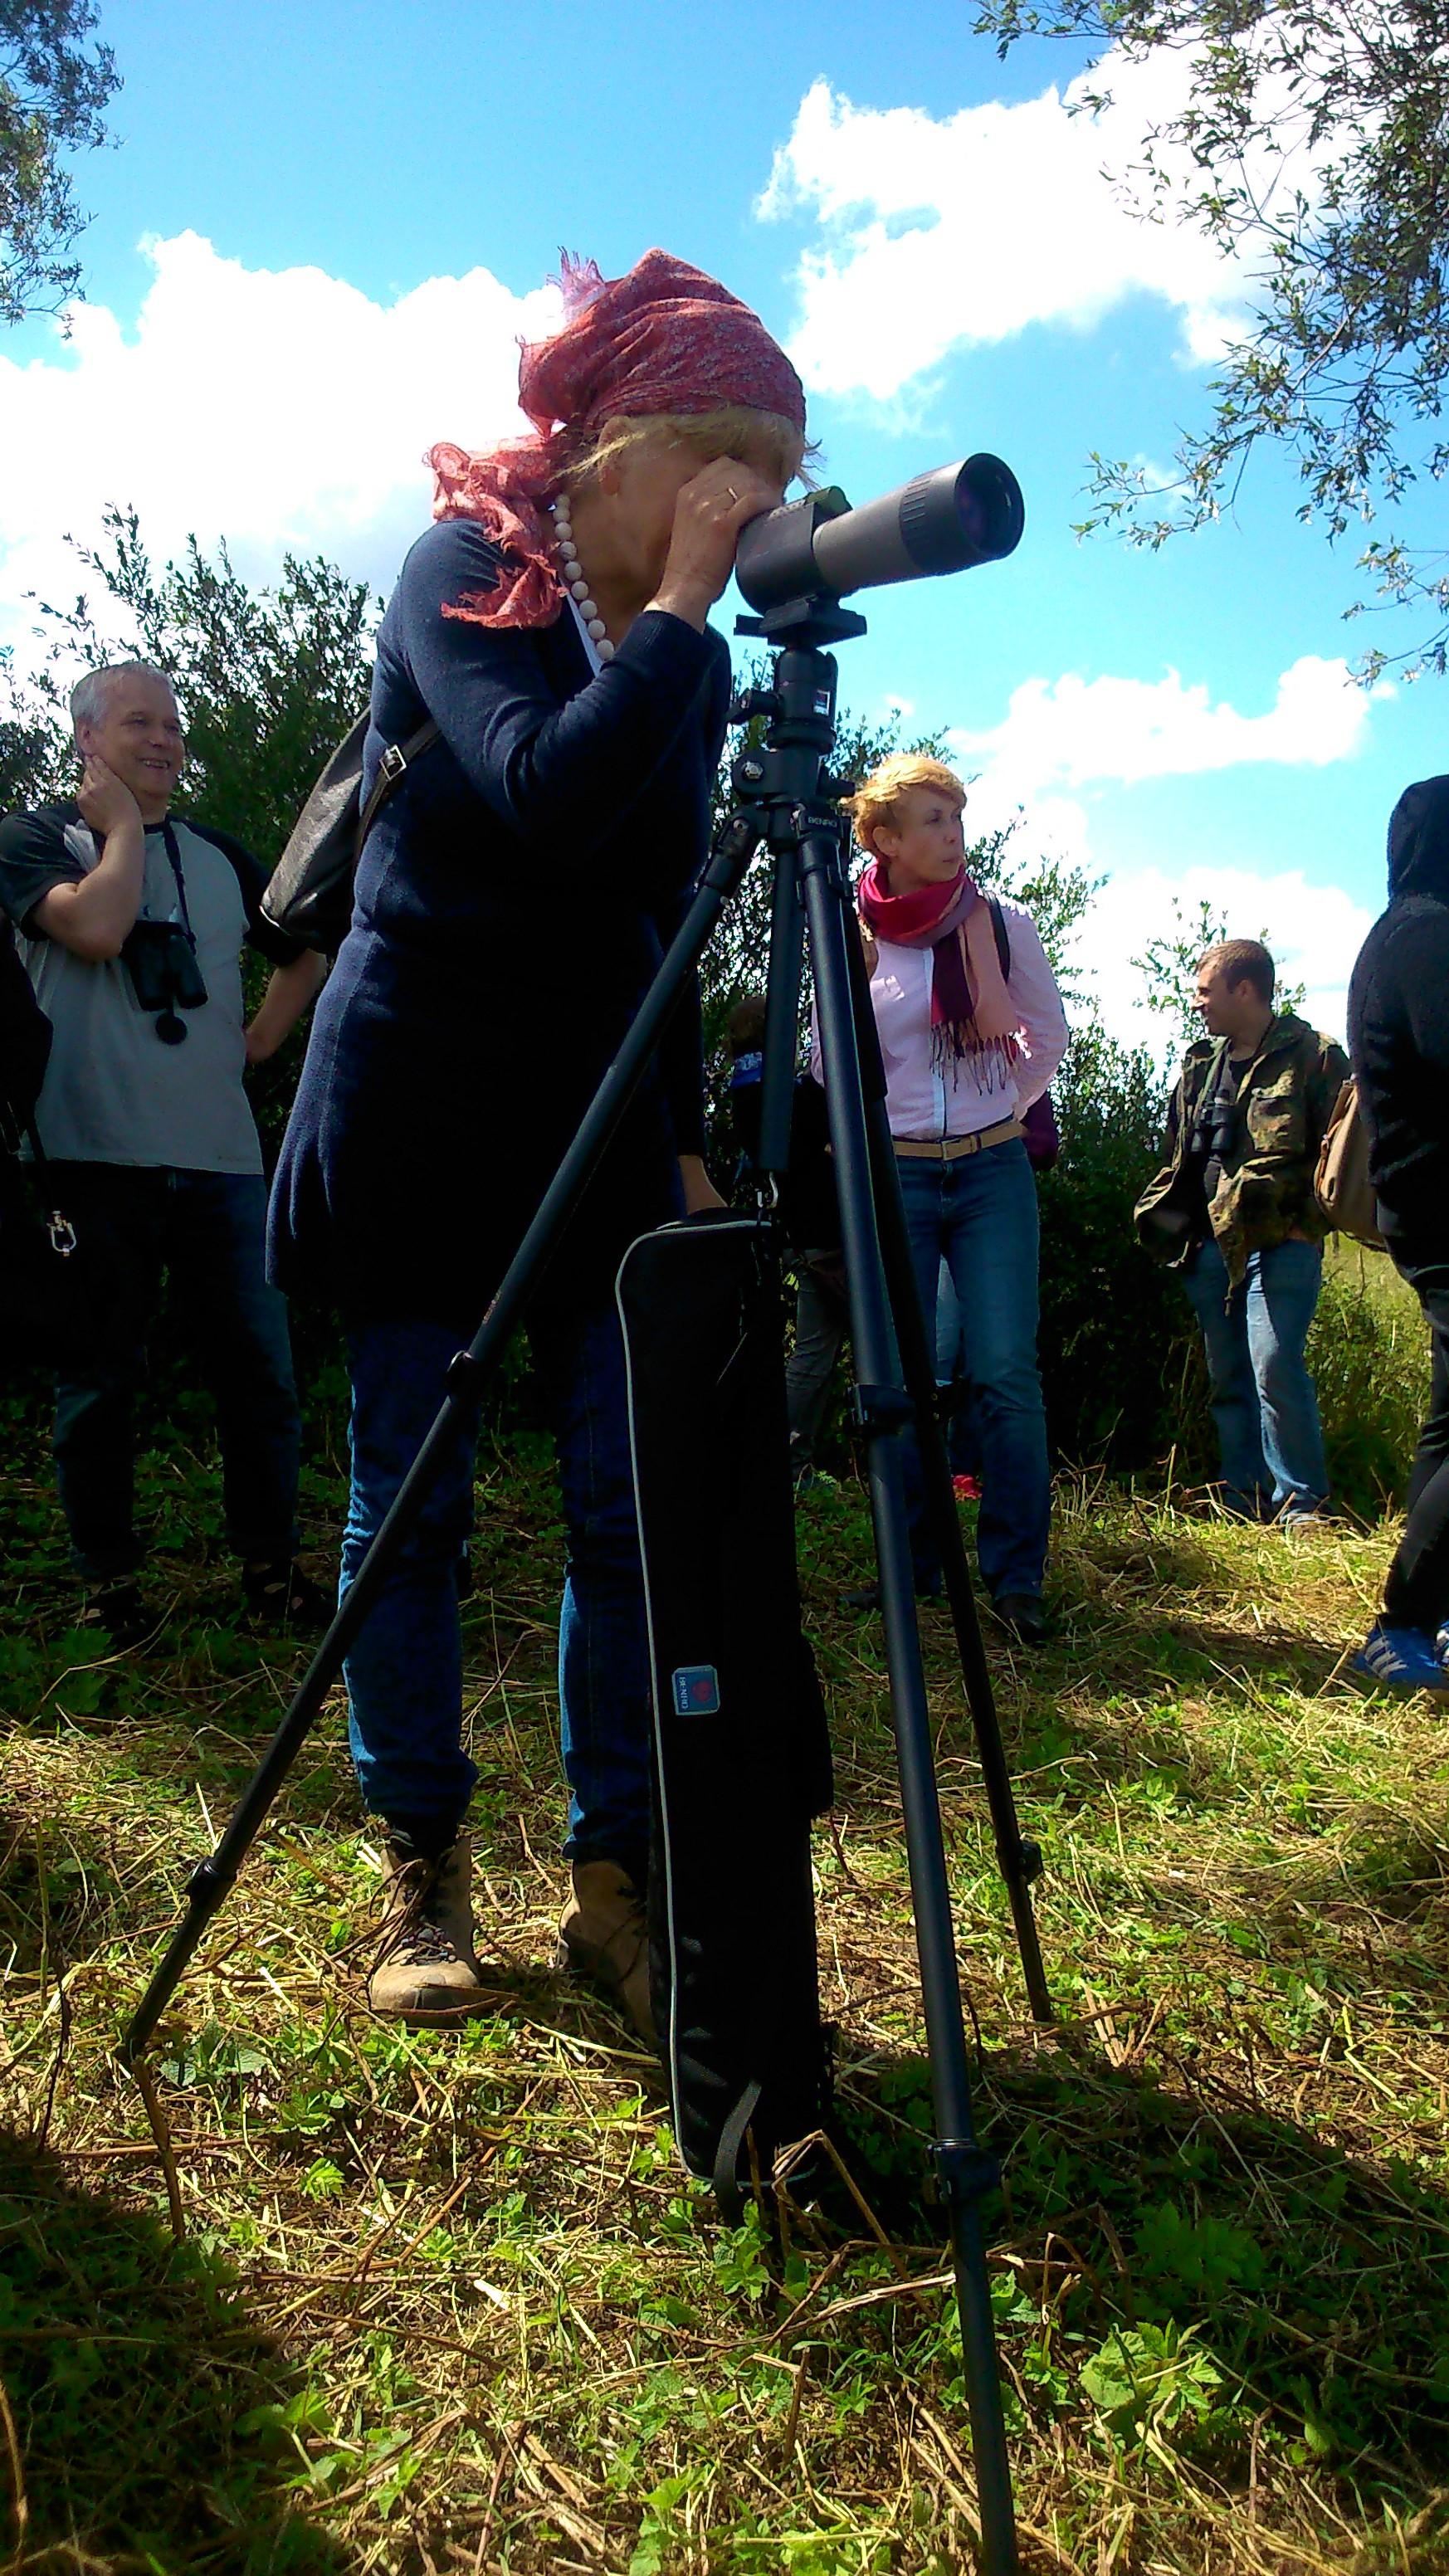 """Rezerwat Przyrody """"Beka"""" - podglądanie przyrody z daleka (foto. P. Manthey)"""